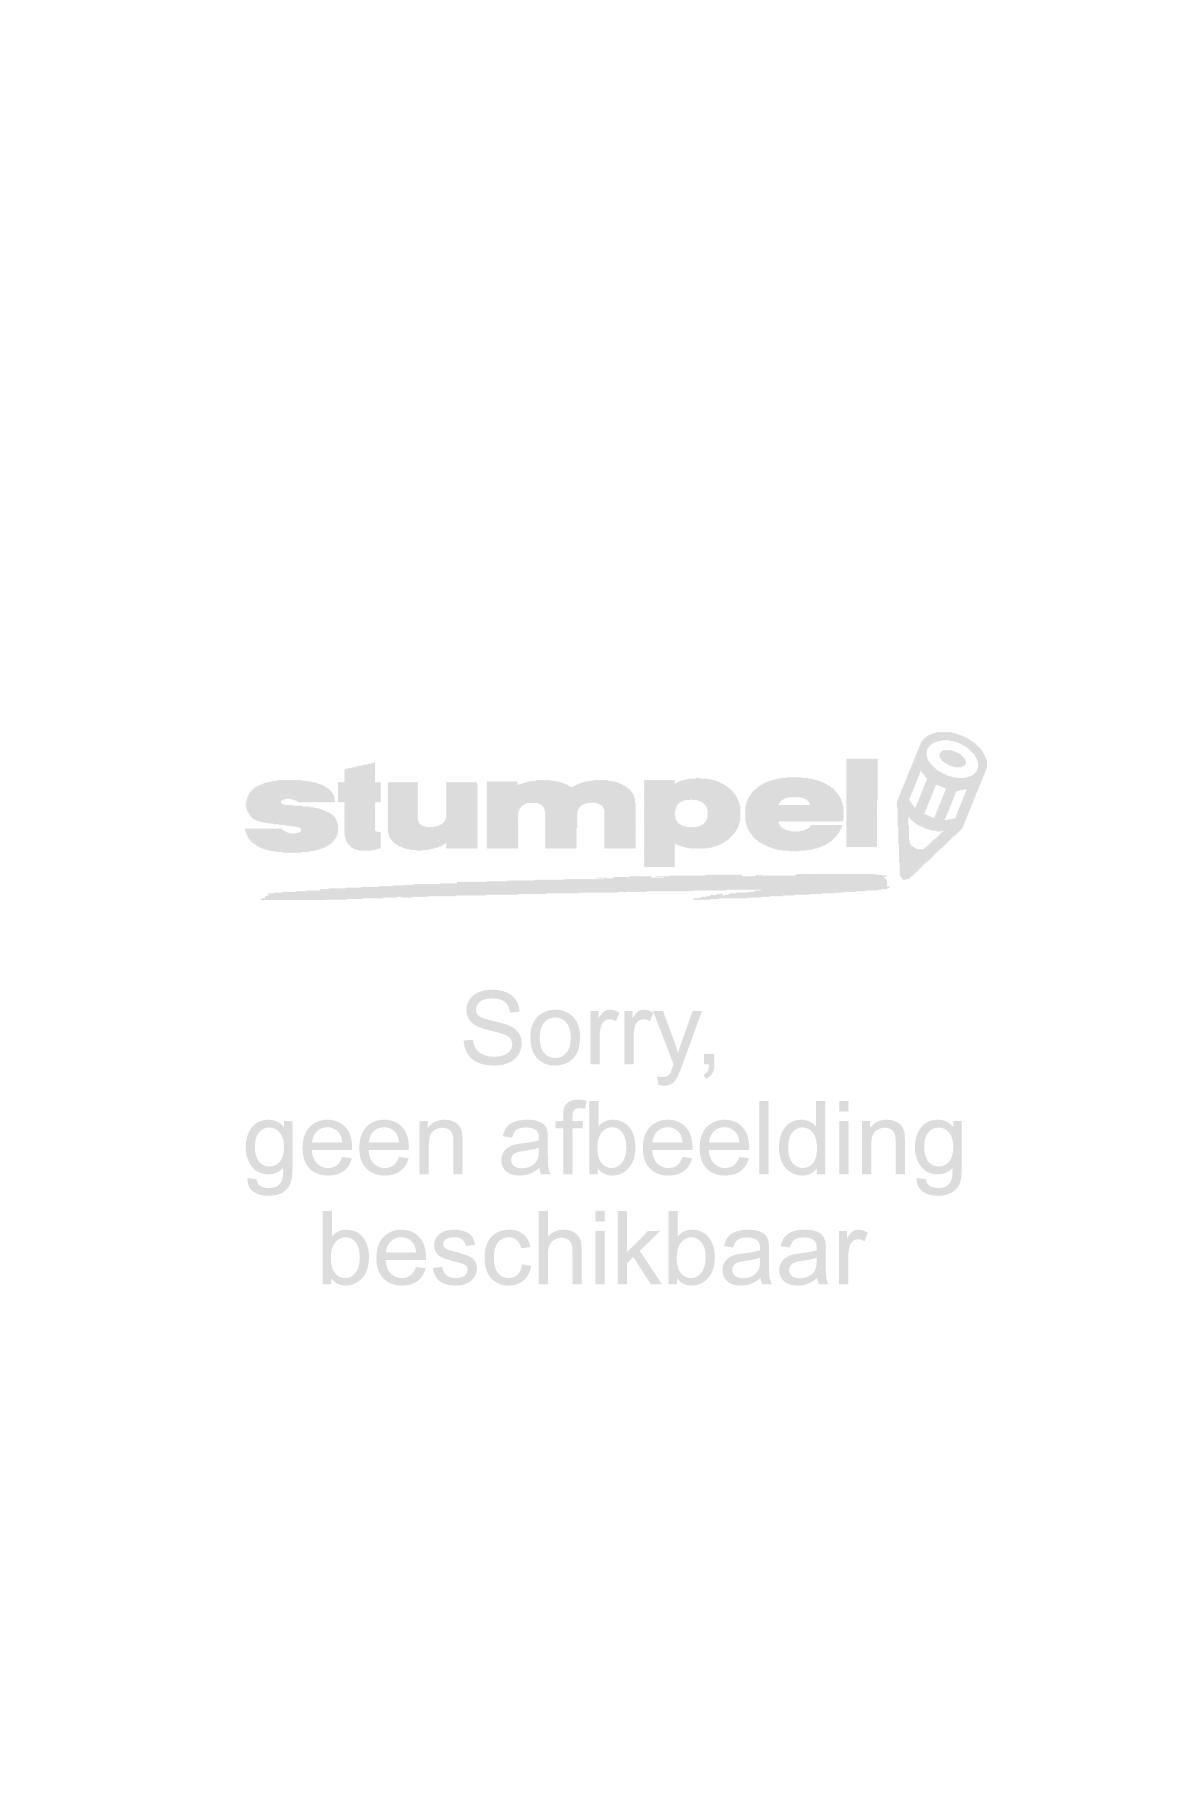 notitieboek-a6-met-harde-kaft-zwart-zilver-ps-7132-10314138